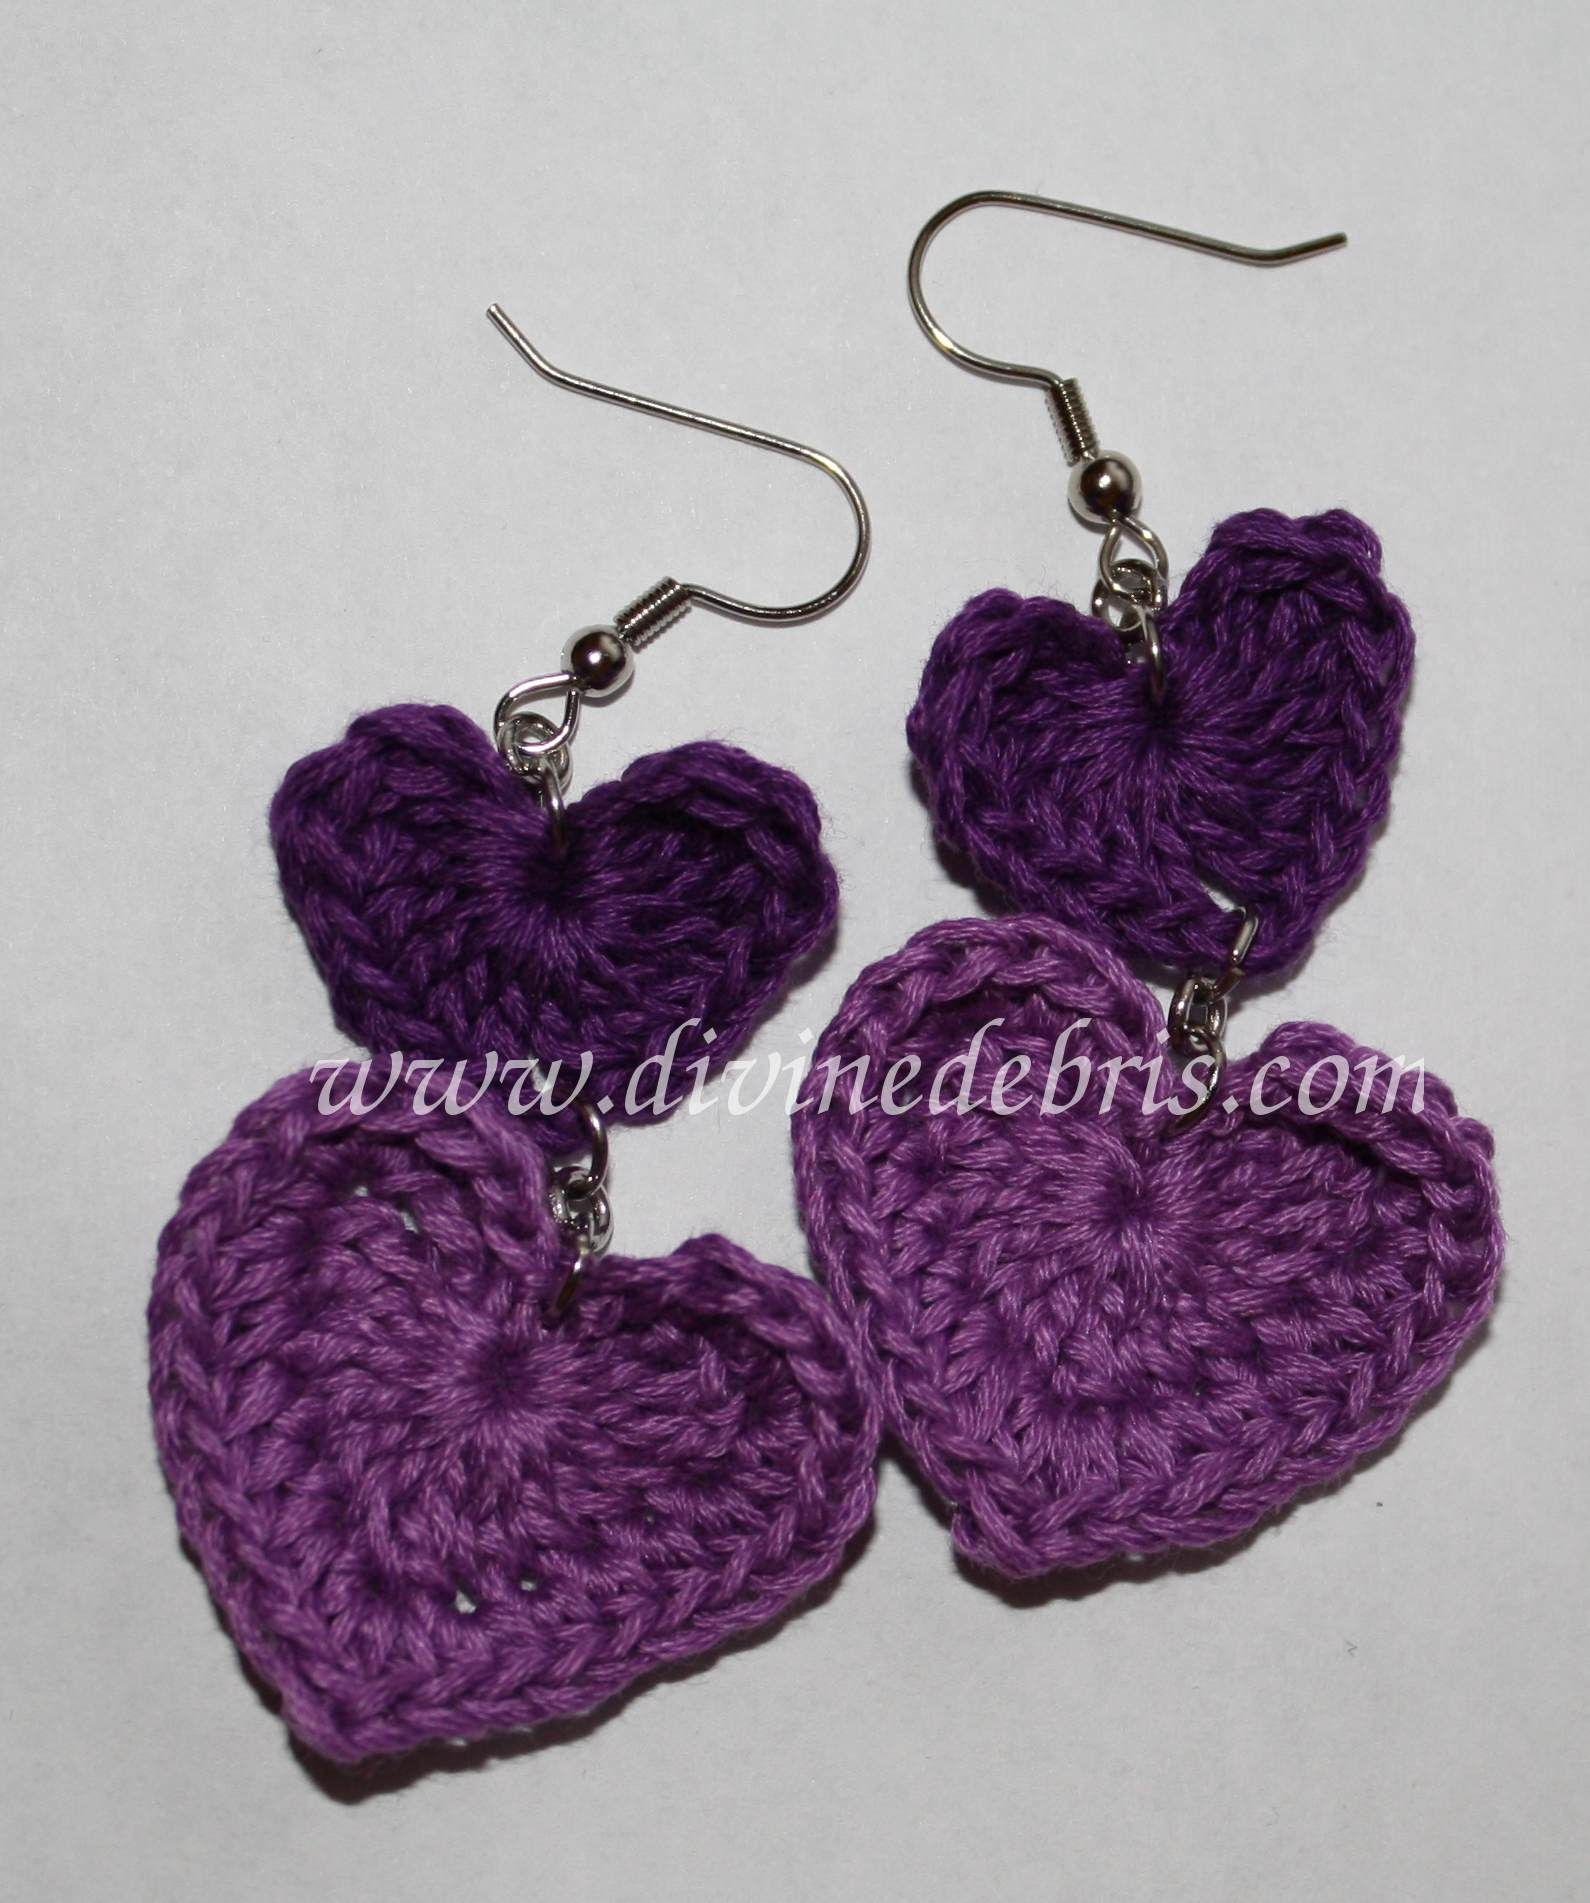 crochet earring patterns | crochet, crochet earrings, crochet ...